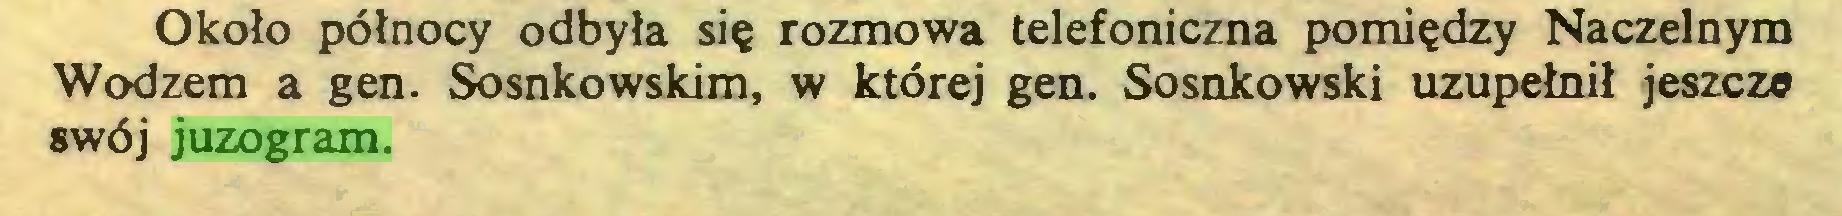 (...) Około północy odbyła się rozmowa telefoniczna pomiędzy Naczelnym Wodzem a gen. Sosnkowskim, w której gen. Sosnkowski uzupełnił jeszcze swój juzogram...